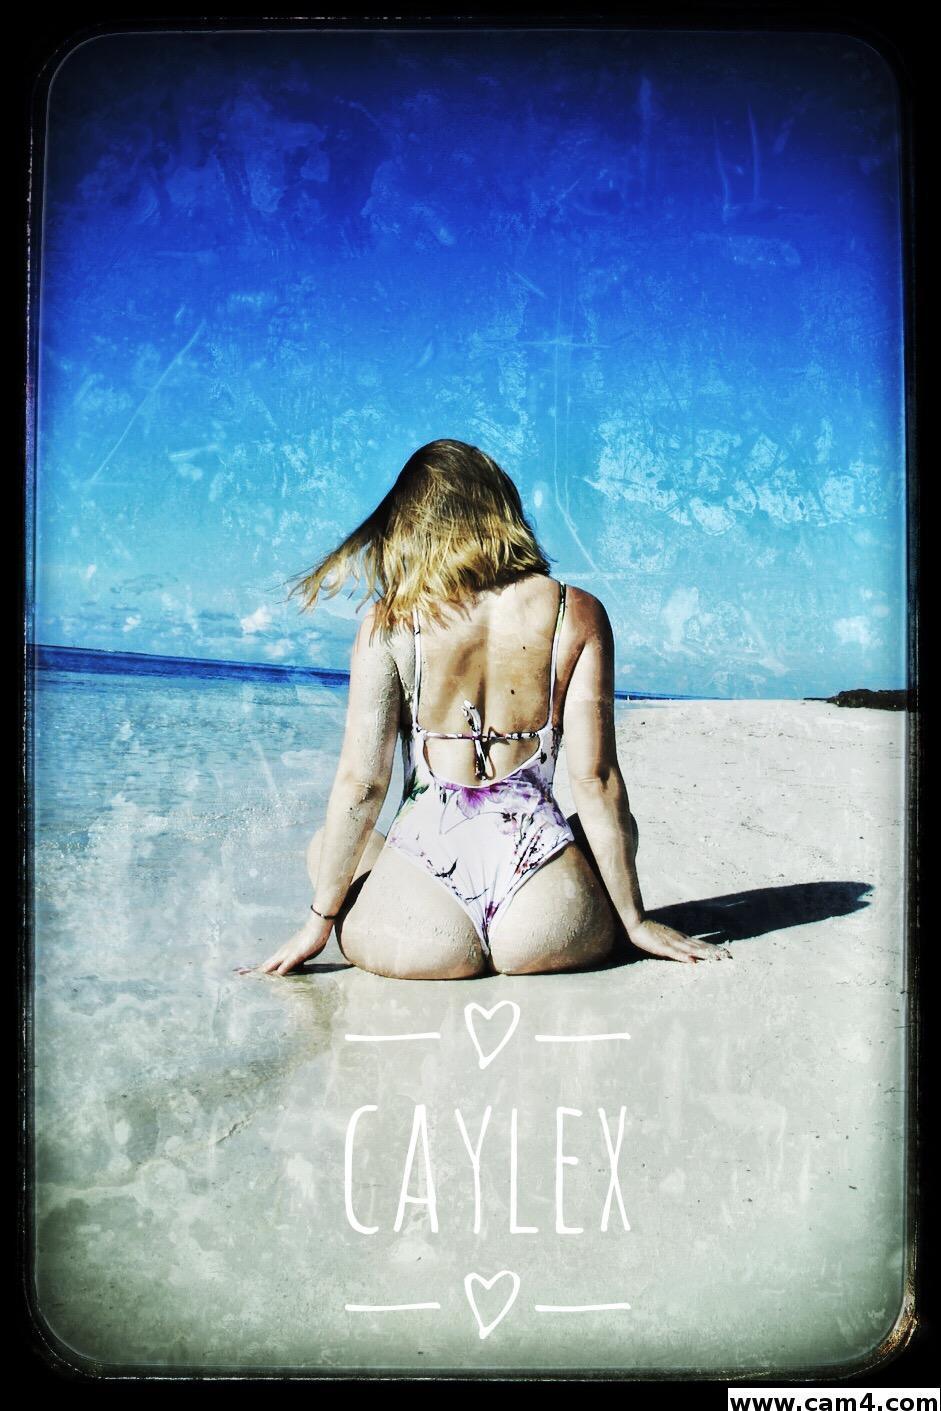 Caylex1?s=o2i3cmcdqzvrvralzvow8d2h8re2i0ffr3xz1zhw4wi=